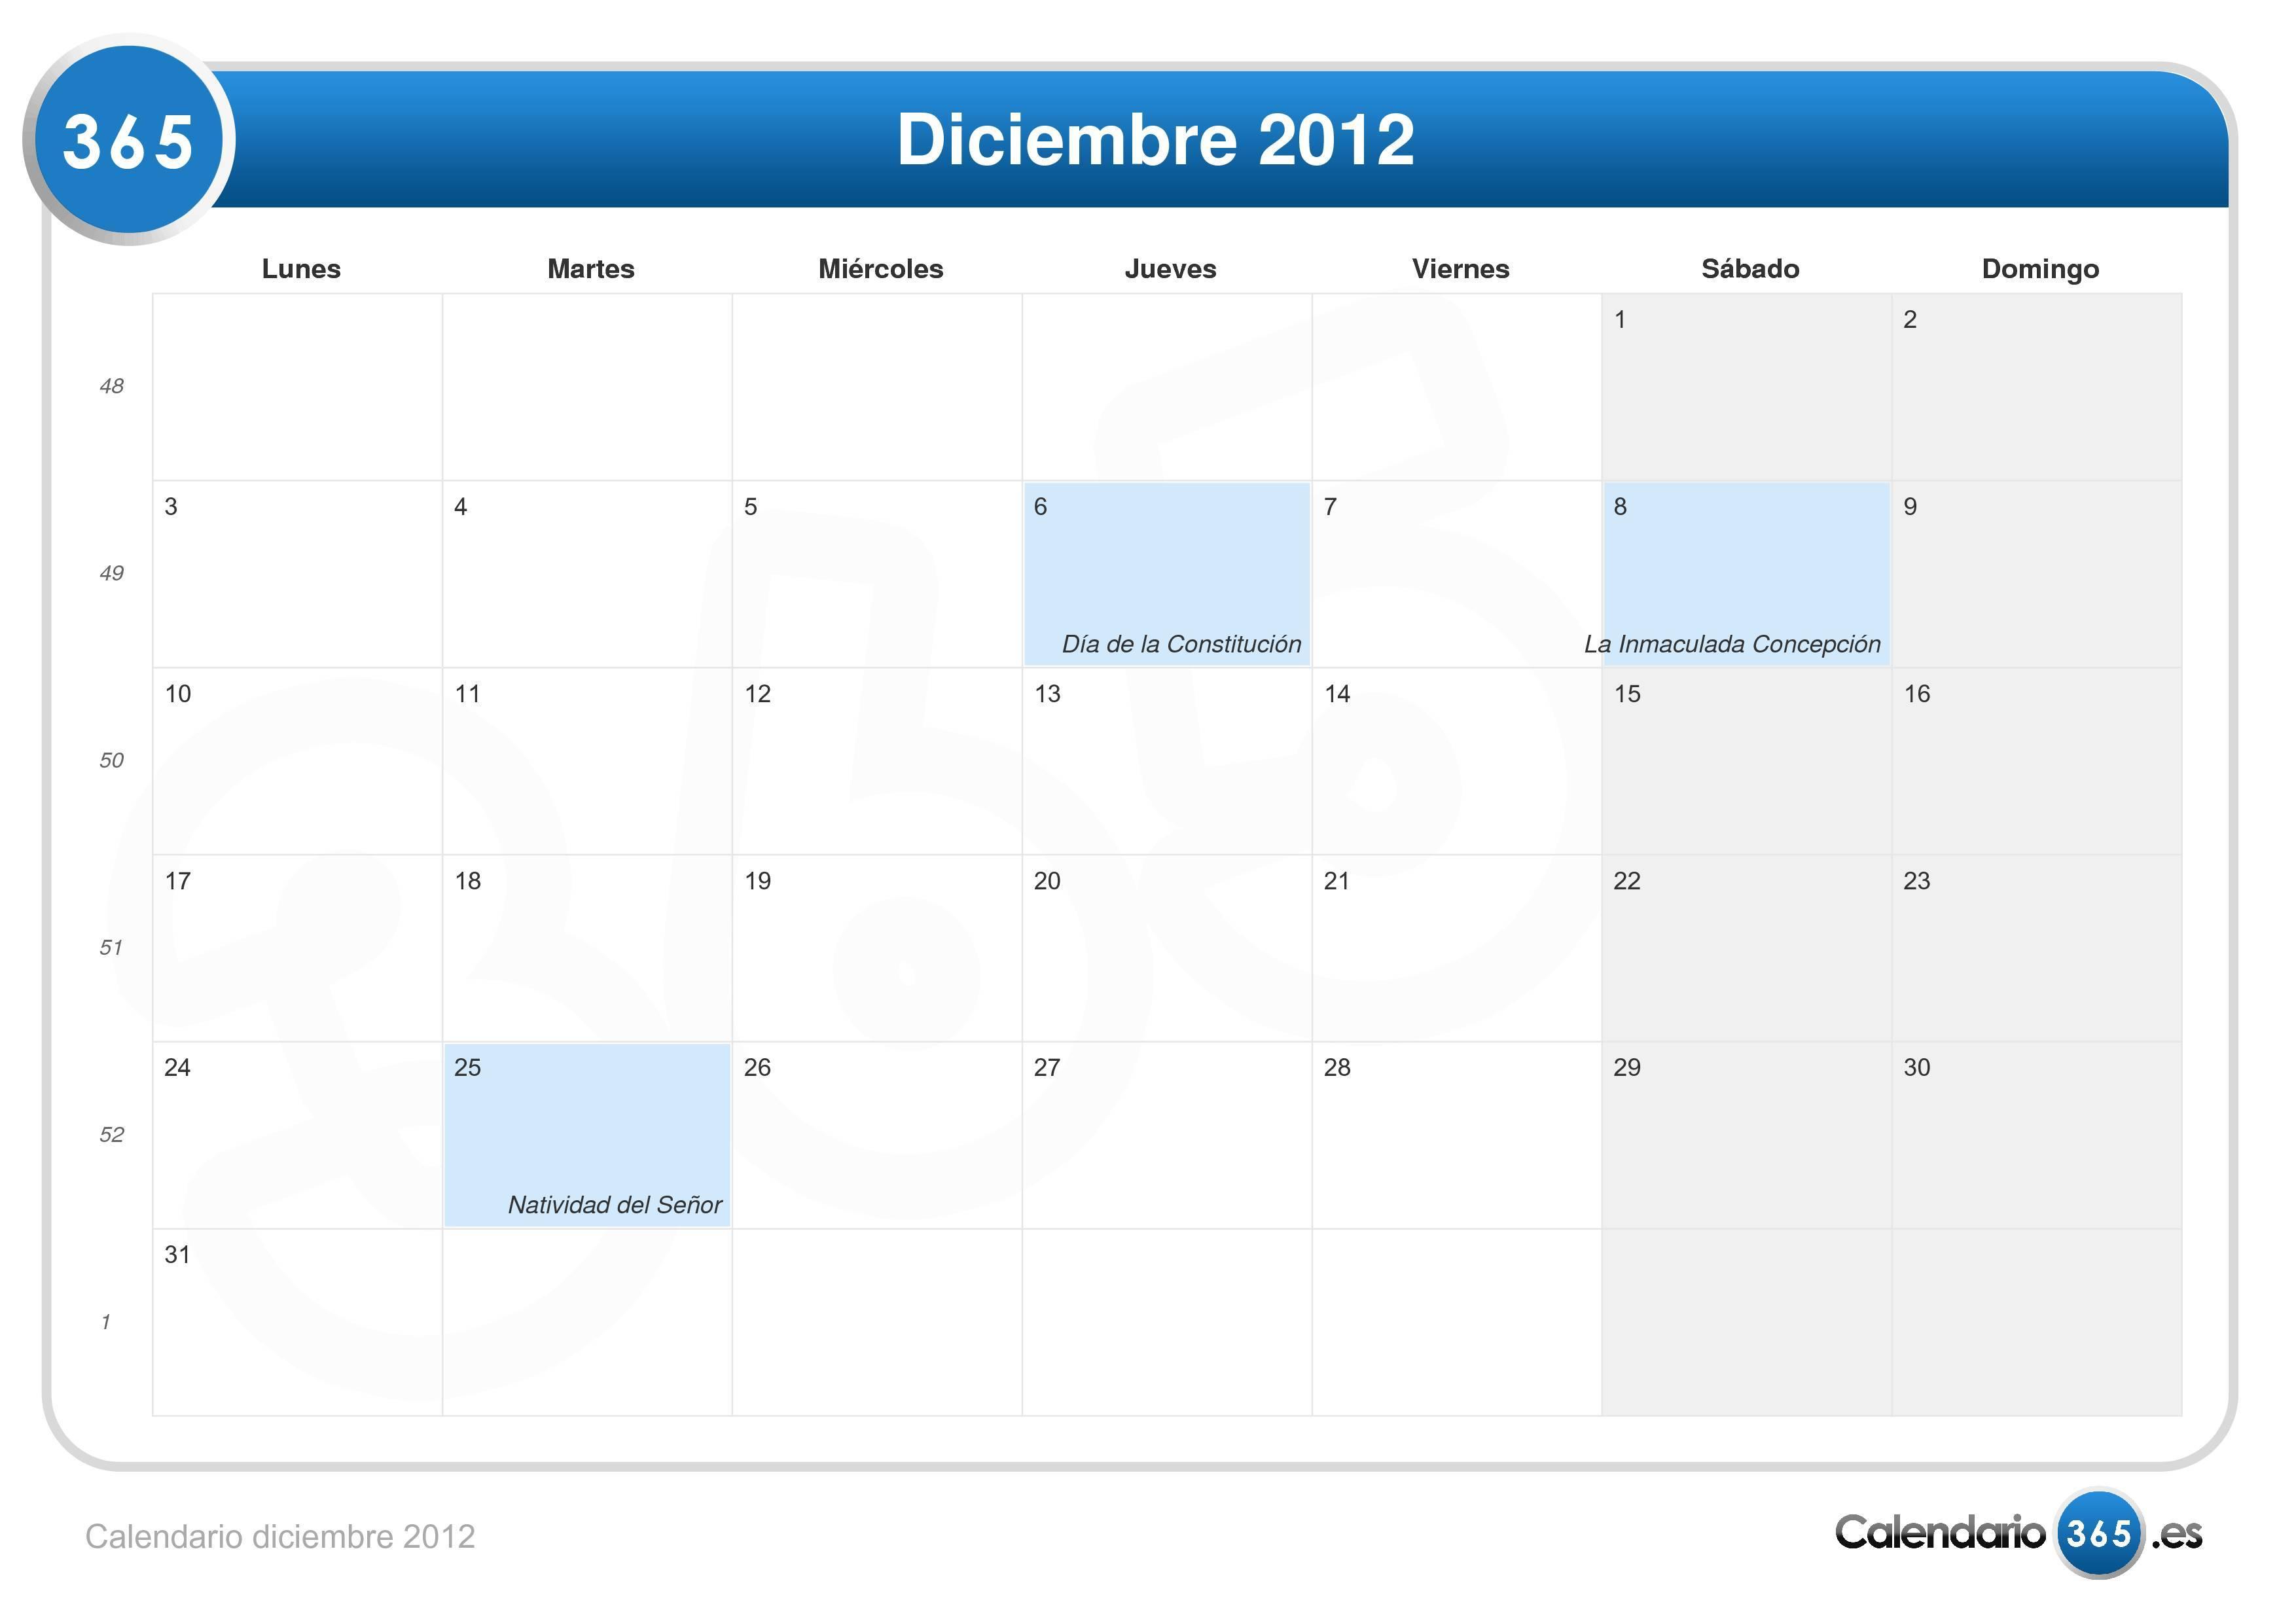 Calendario Diciembre 2012